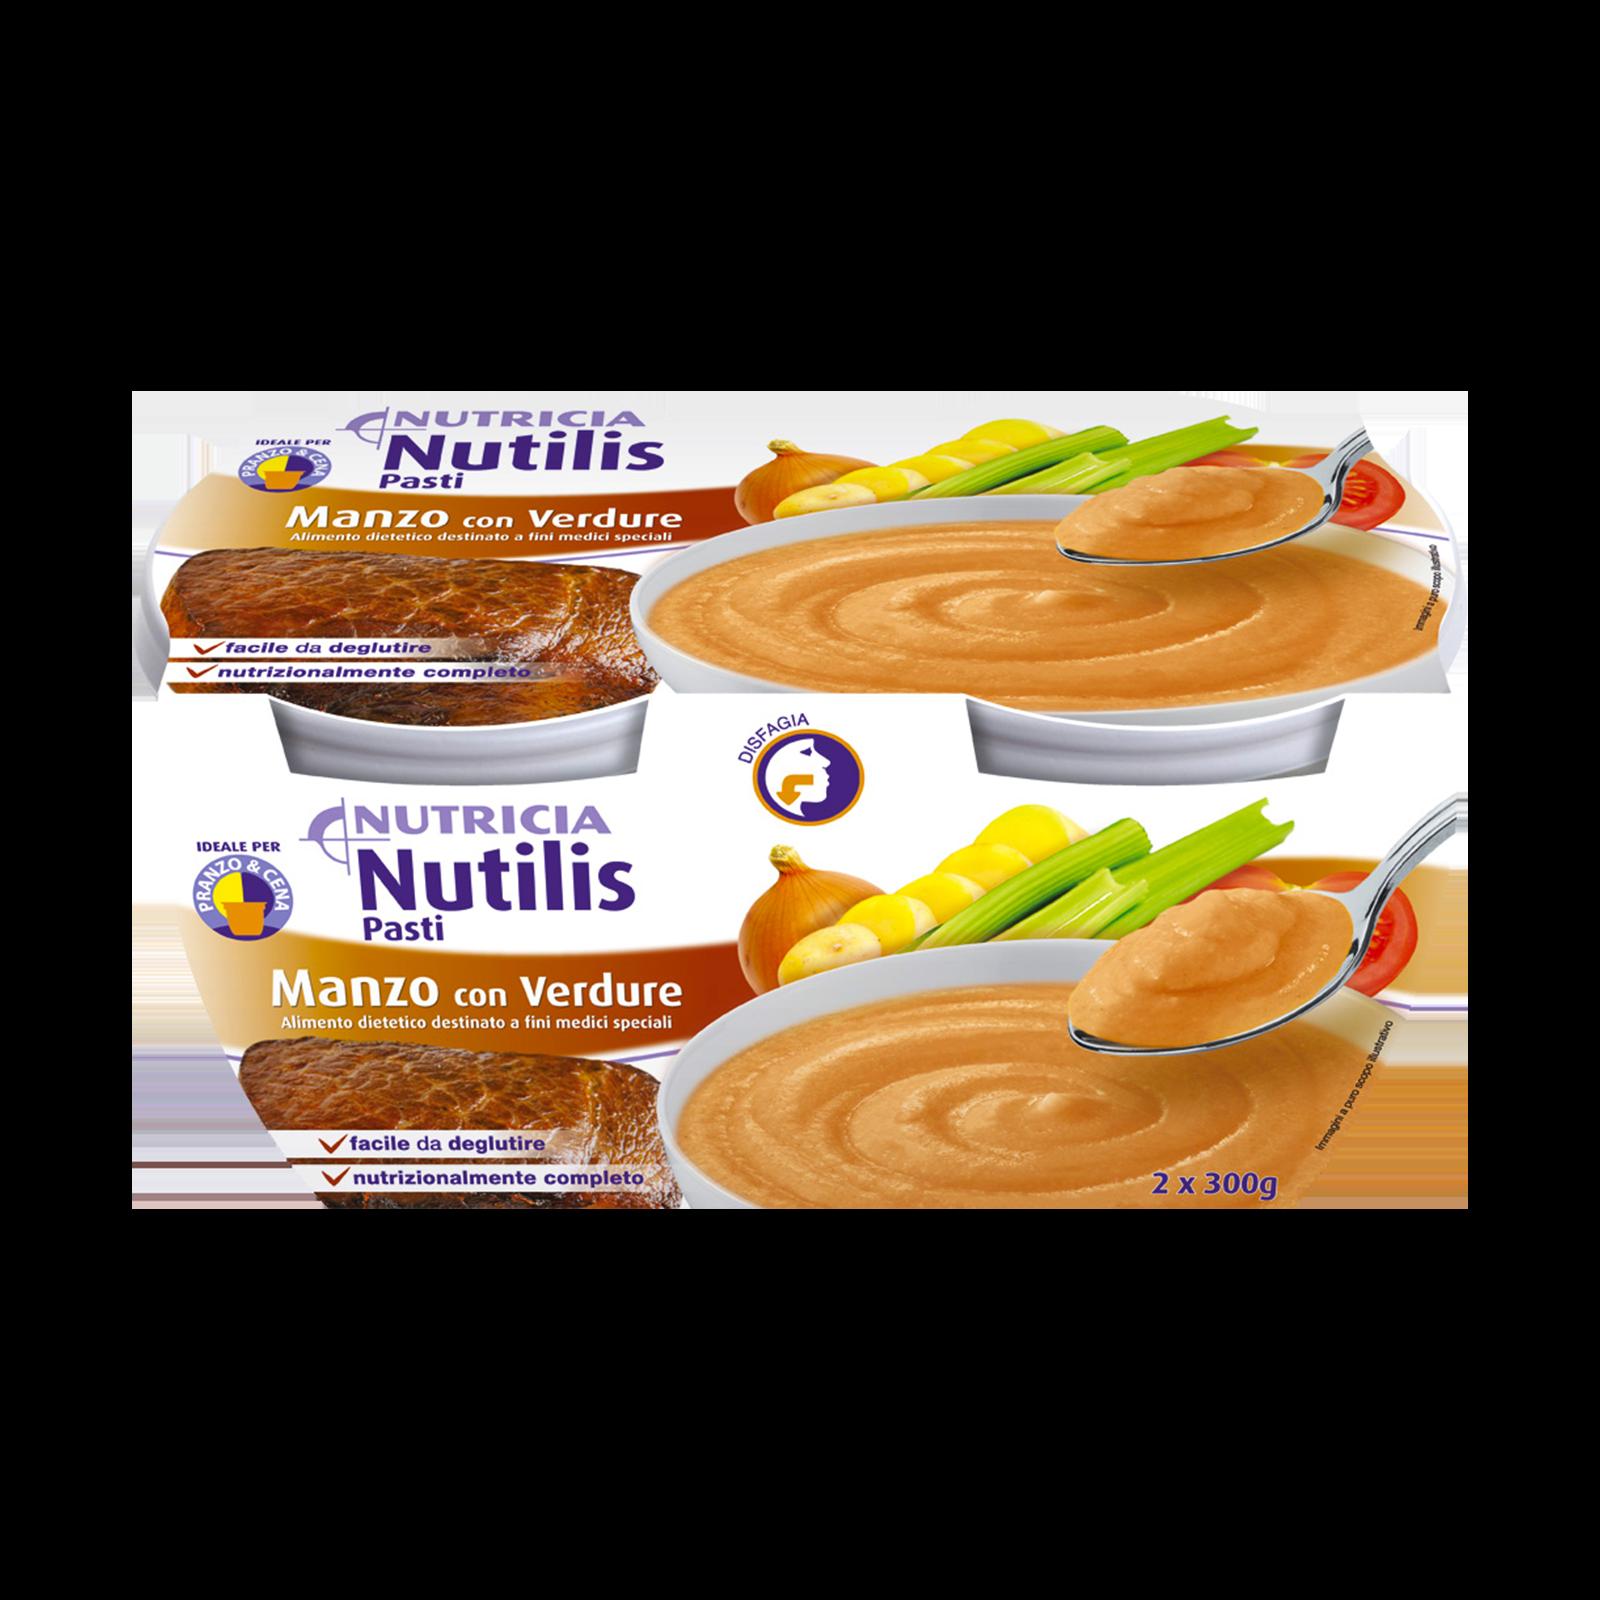 Nutilis Pasti Manzo e Verdure 16x Confezioni 300g | Nutricia